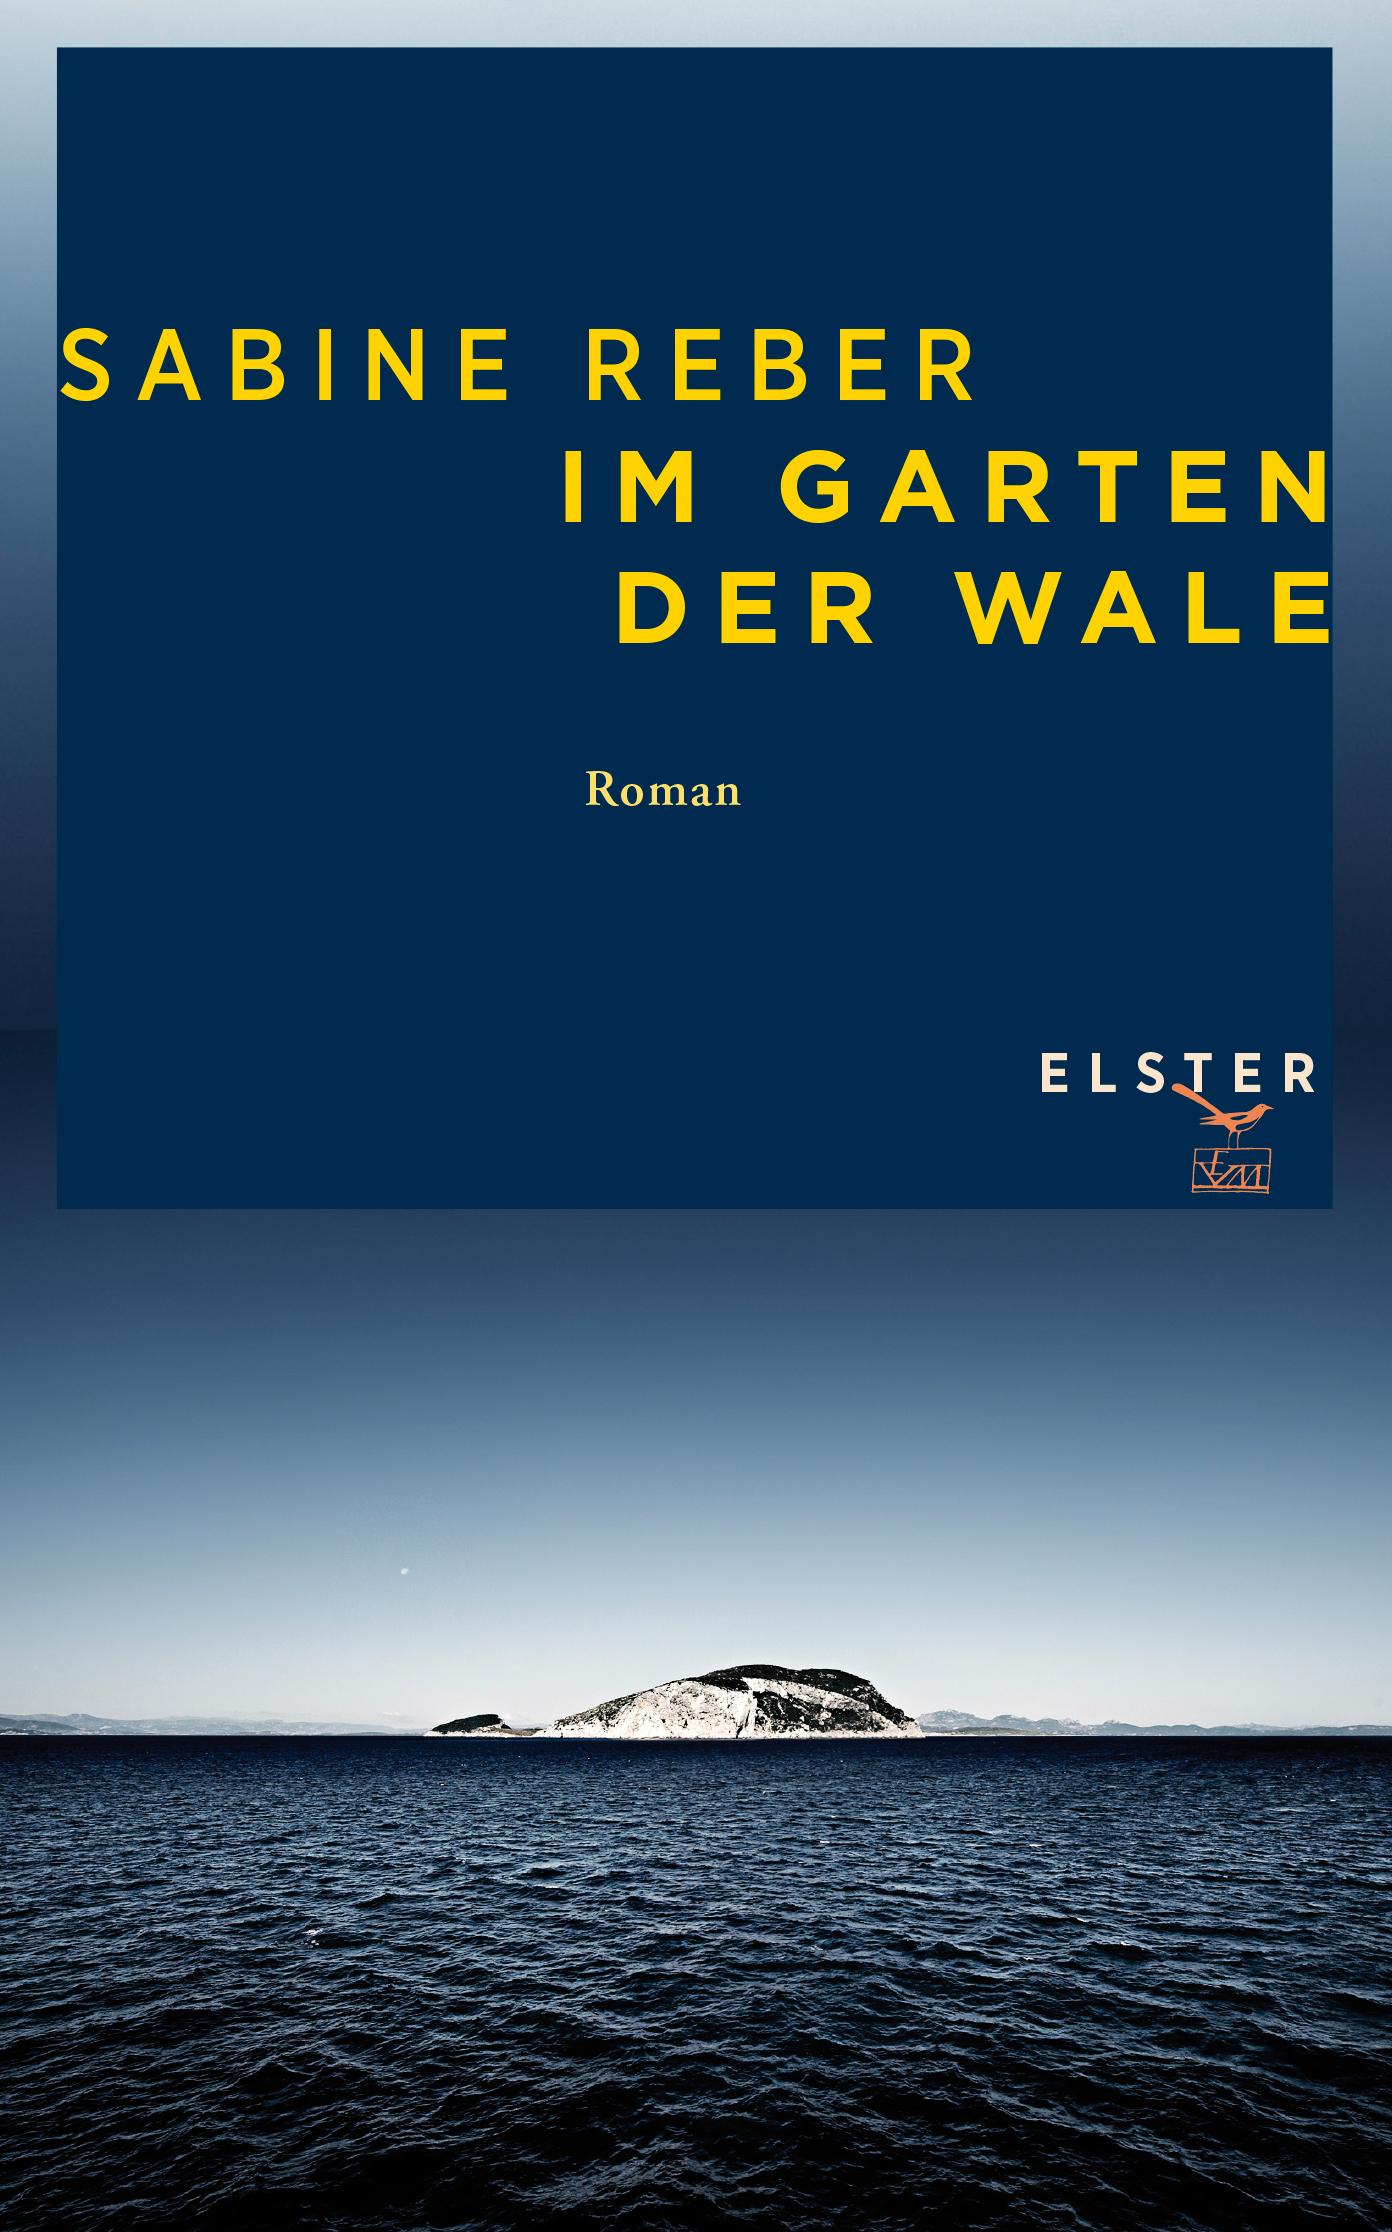 Im Garten der Wale